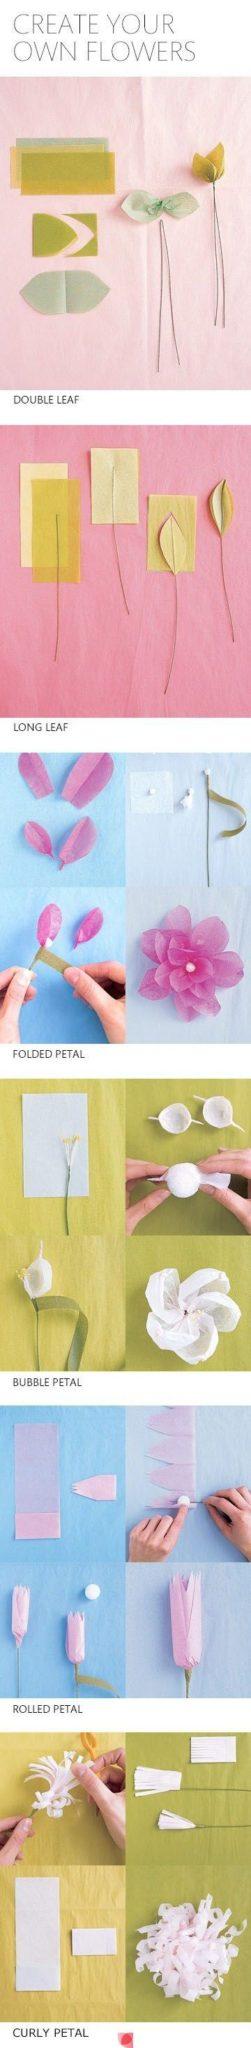 Sencillas flores de papel cometa explicadas a pasos